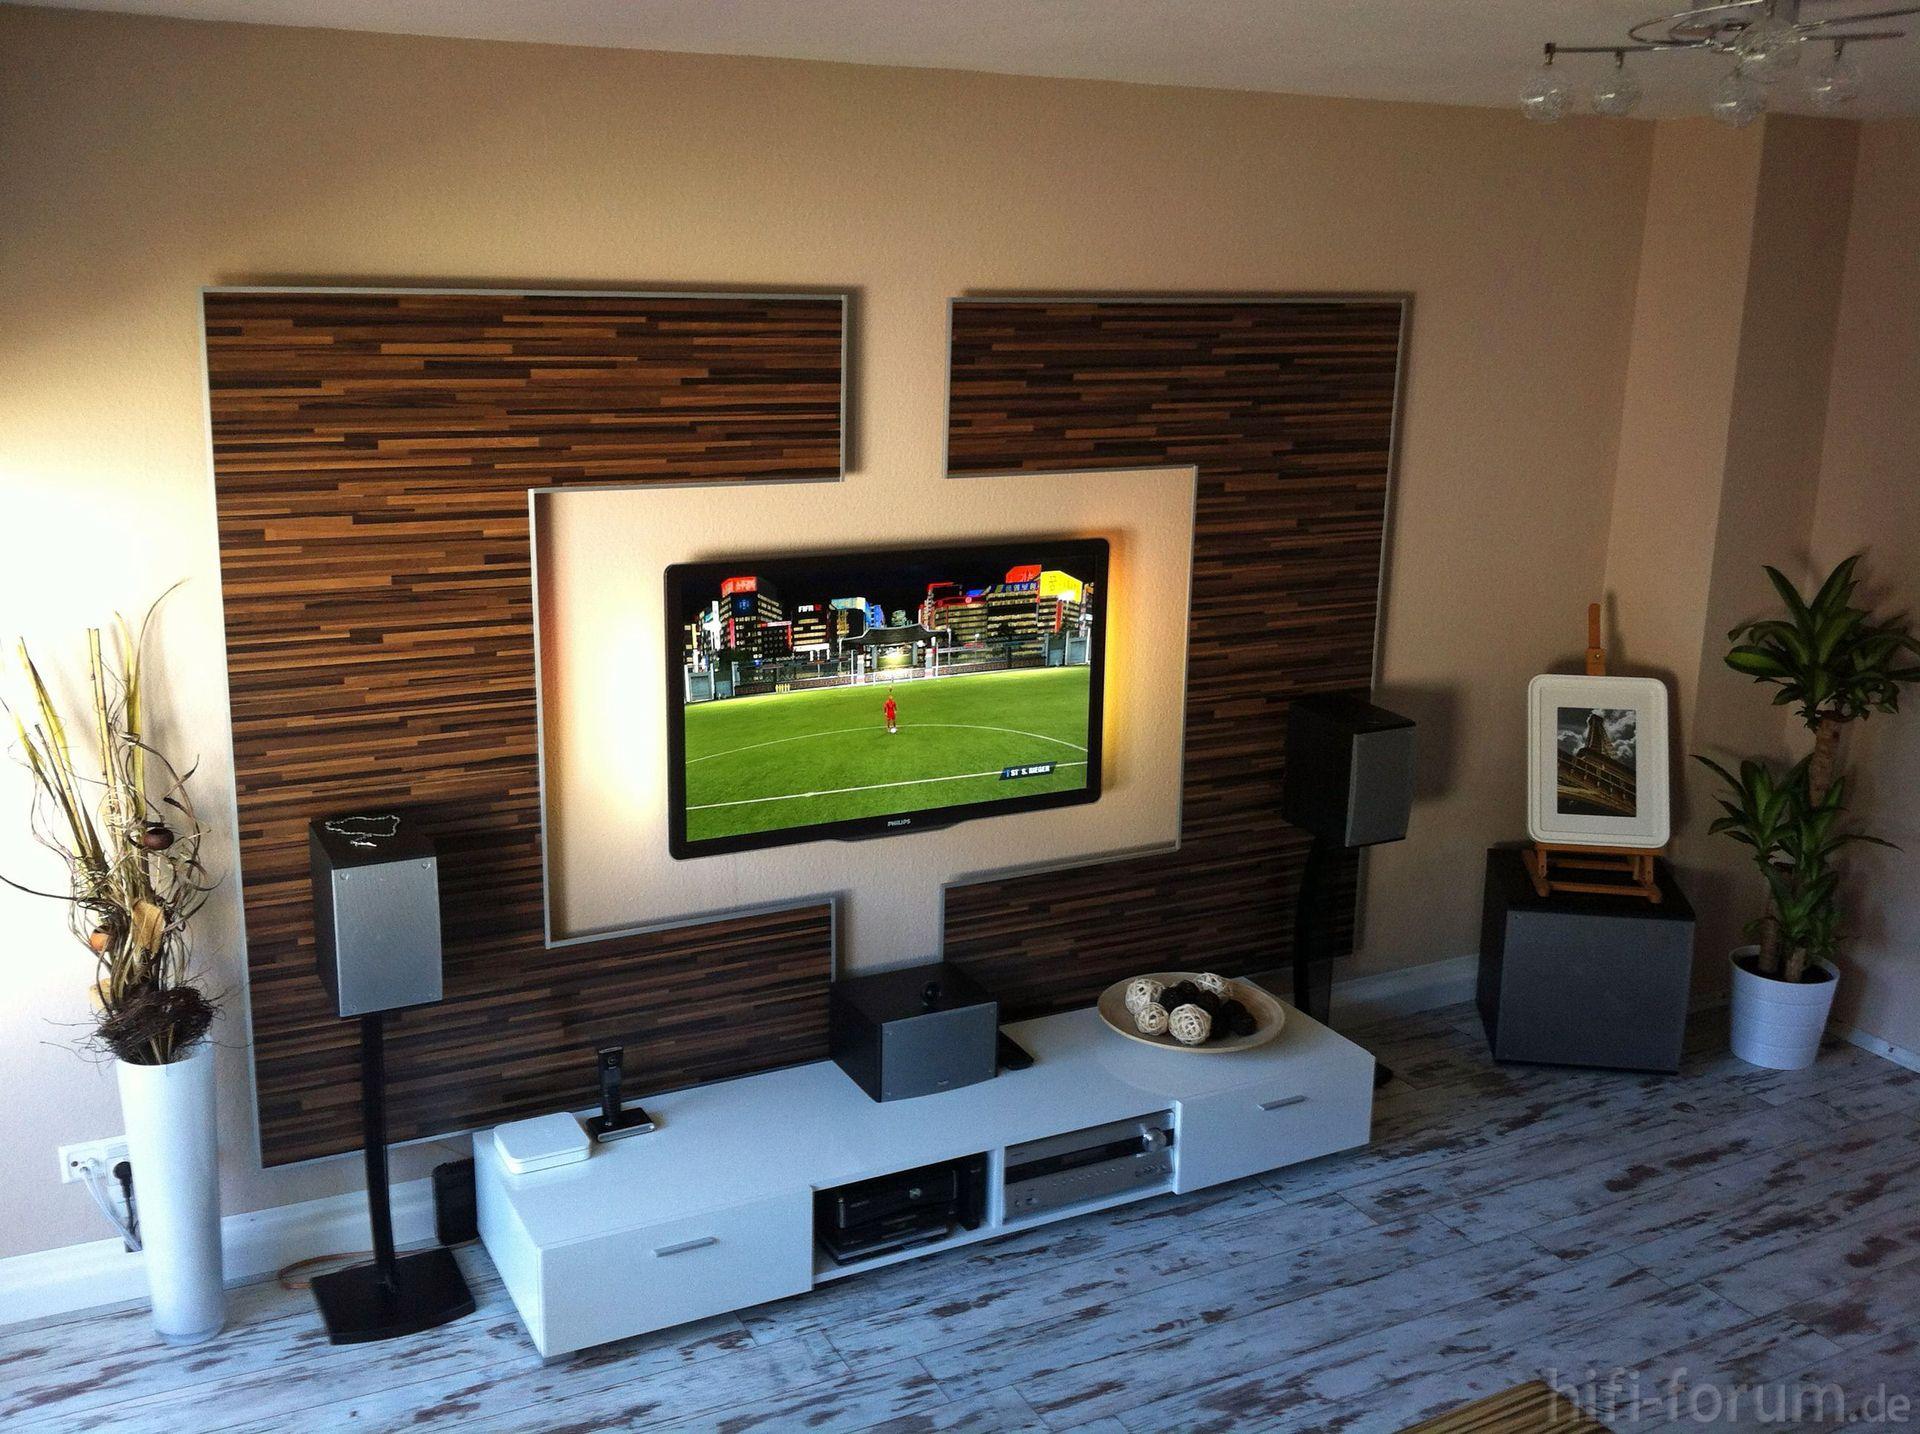 wohnzimmer tv wand selber bauen : wohnwand front doityourself ... - Wohnzimmer Tv Wand Modern